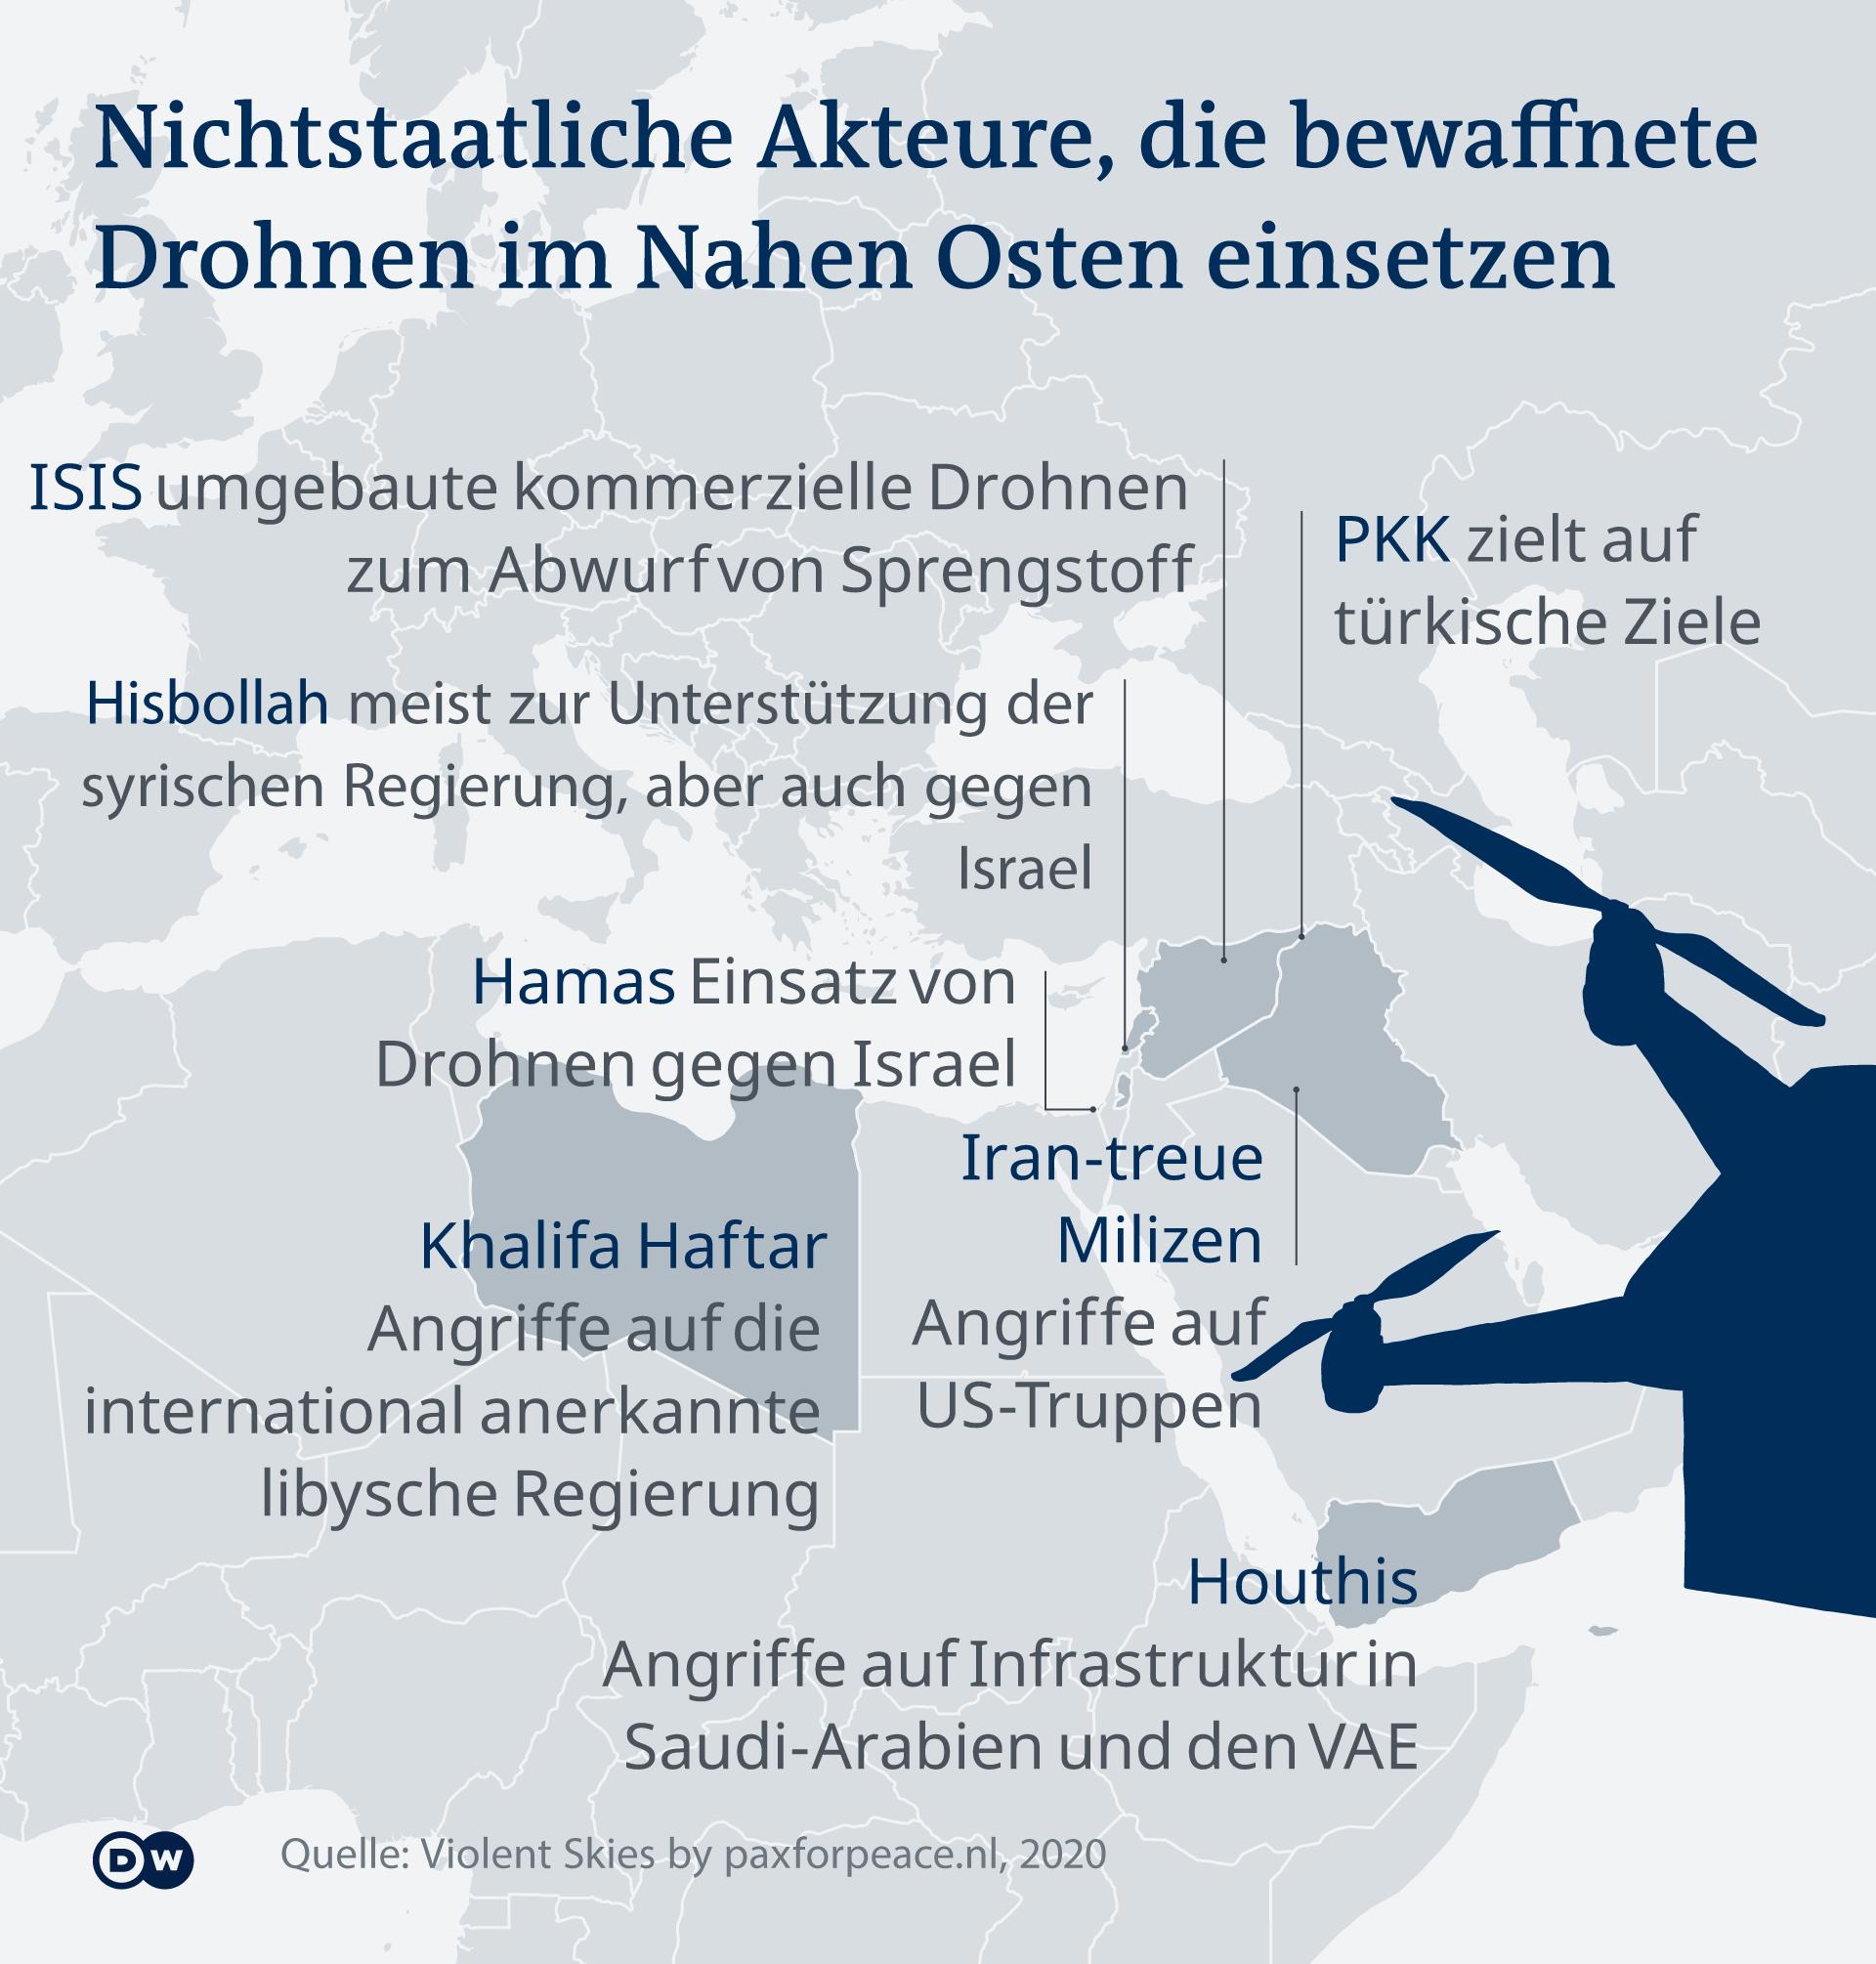 Infografik Nichtstaatliche Akteure, die bewaffnete Drohnen im Nahen Osten einsetzen DE